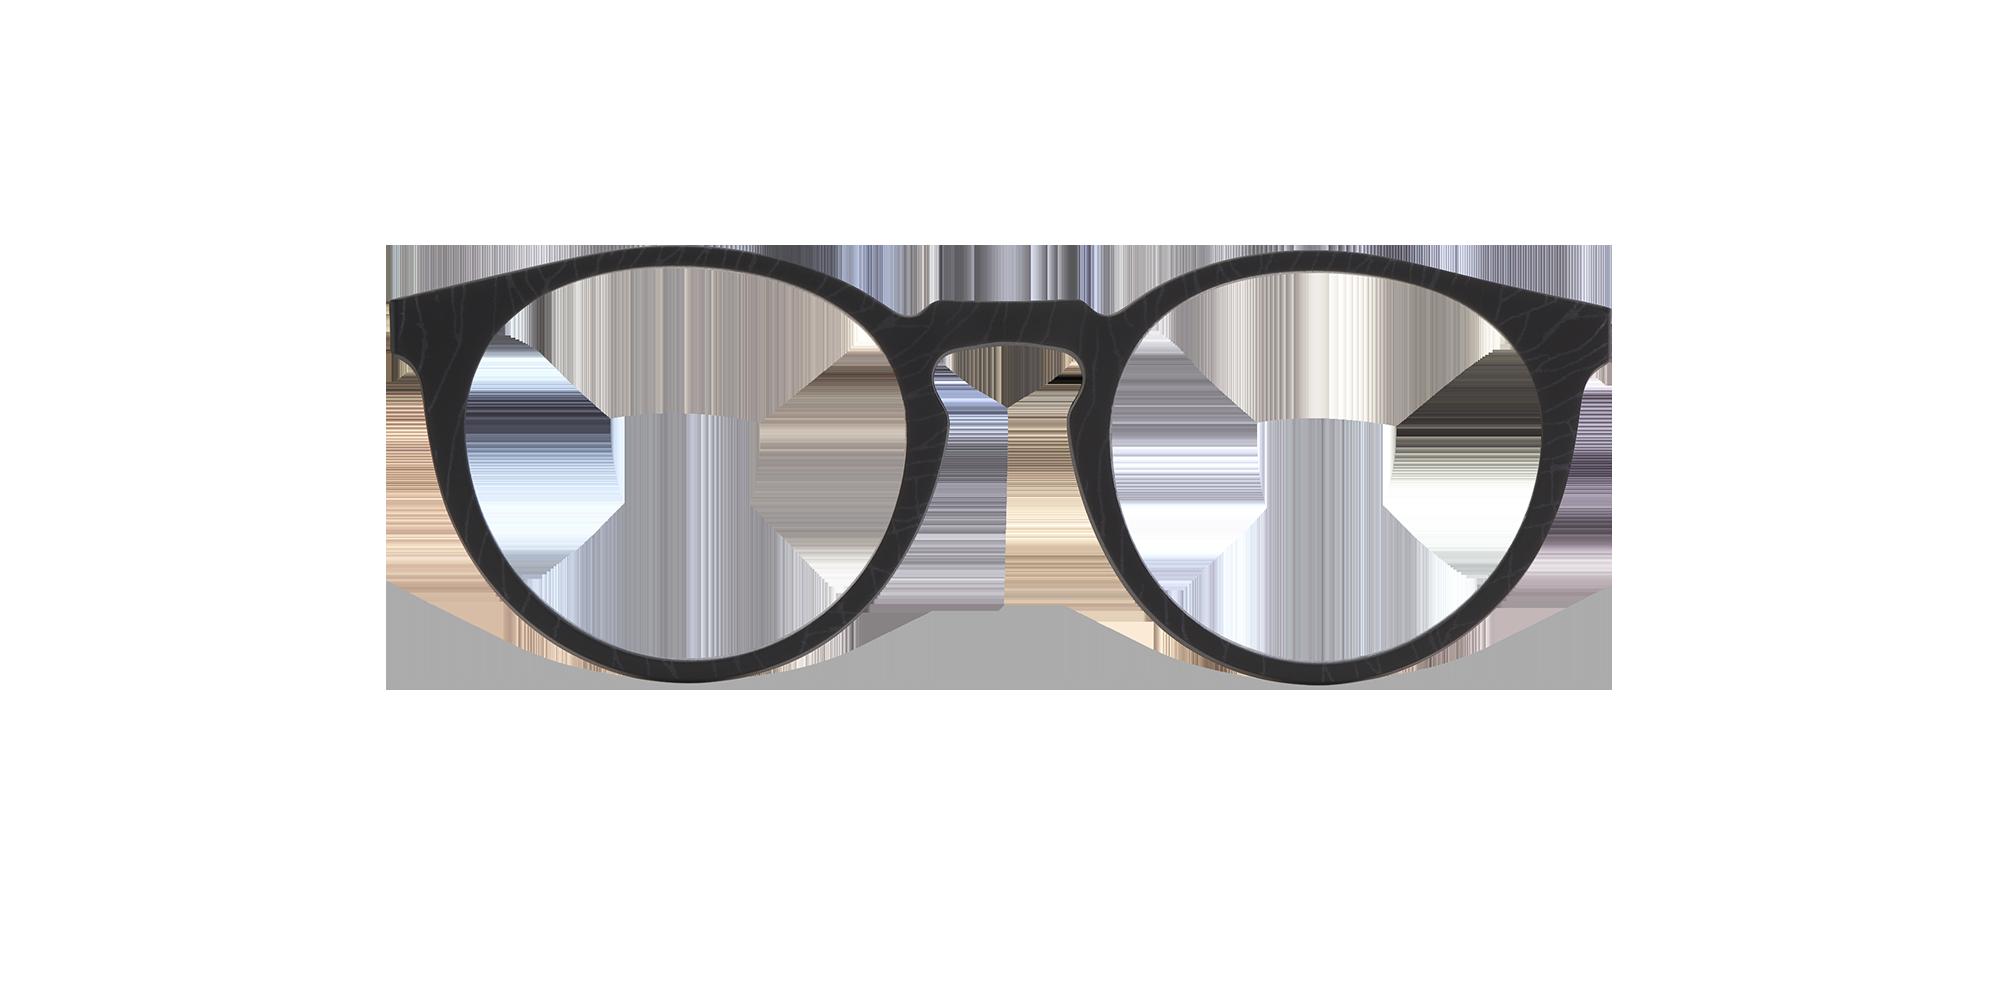 afflelou/france/products/smart_clip/clips_glasses/TMK35NVBK014820.png